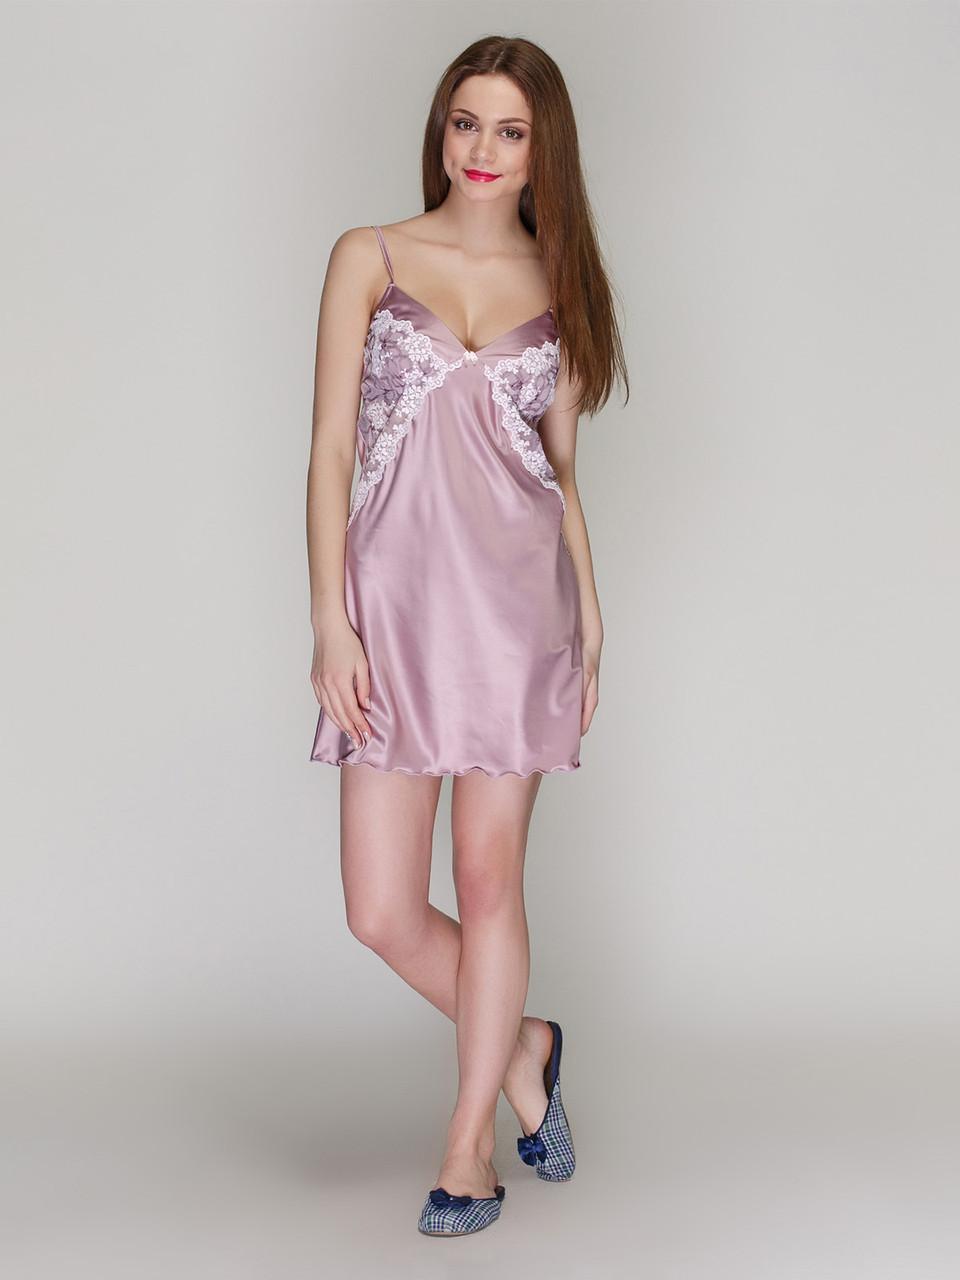 Сорочка Serenade сатин-шовк попіл троянди з мереживом